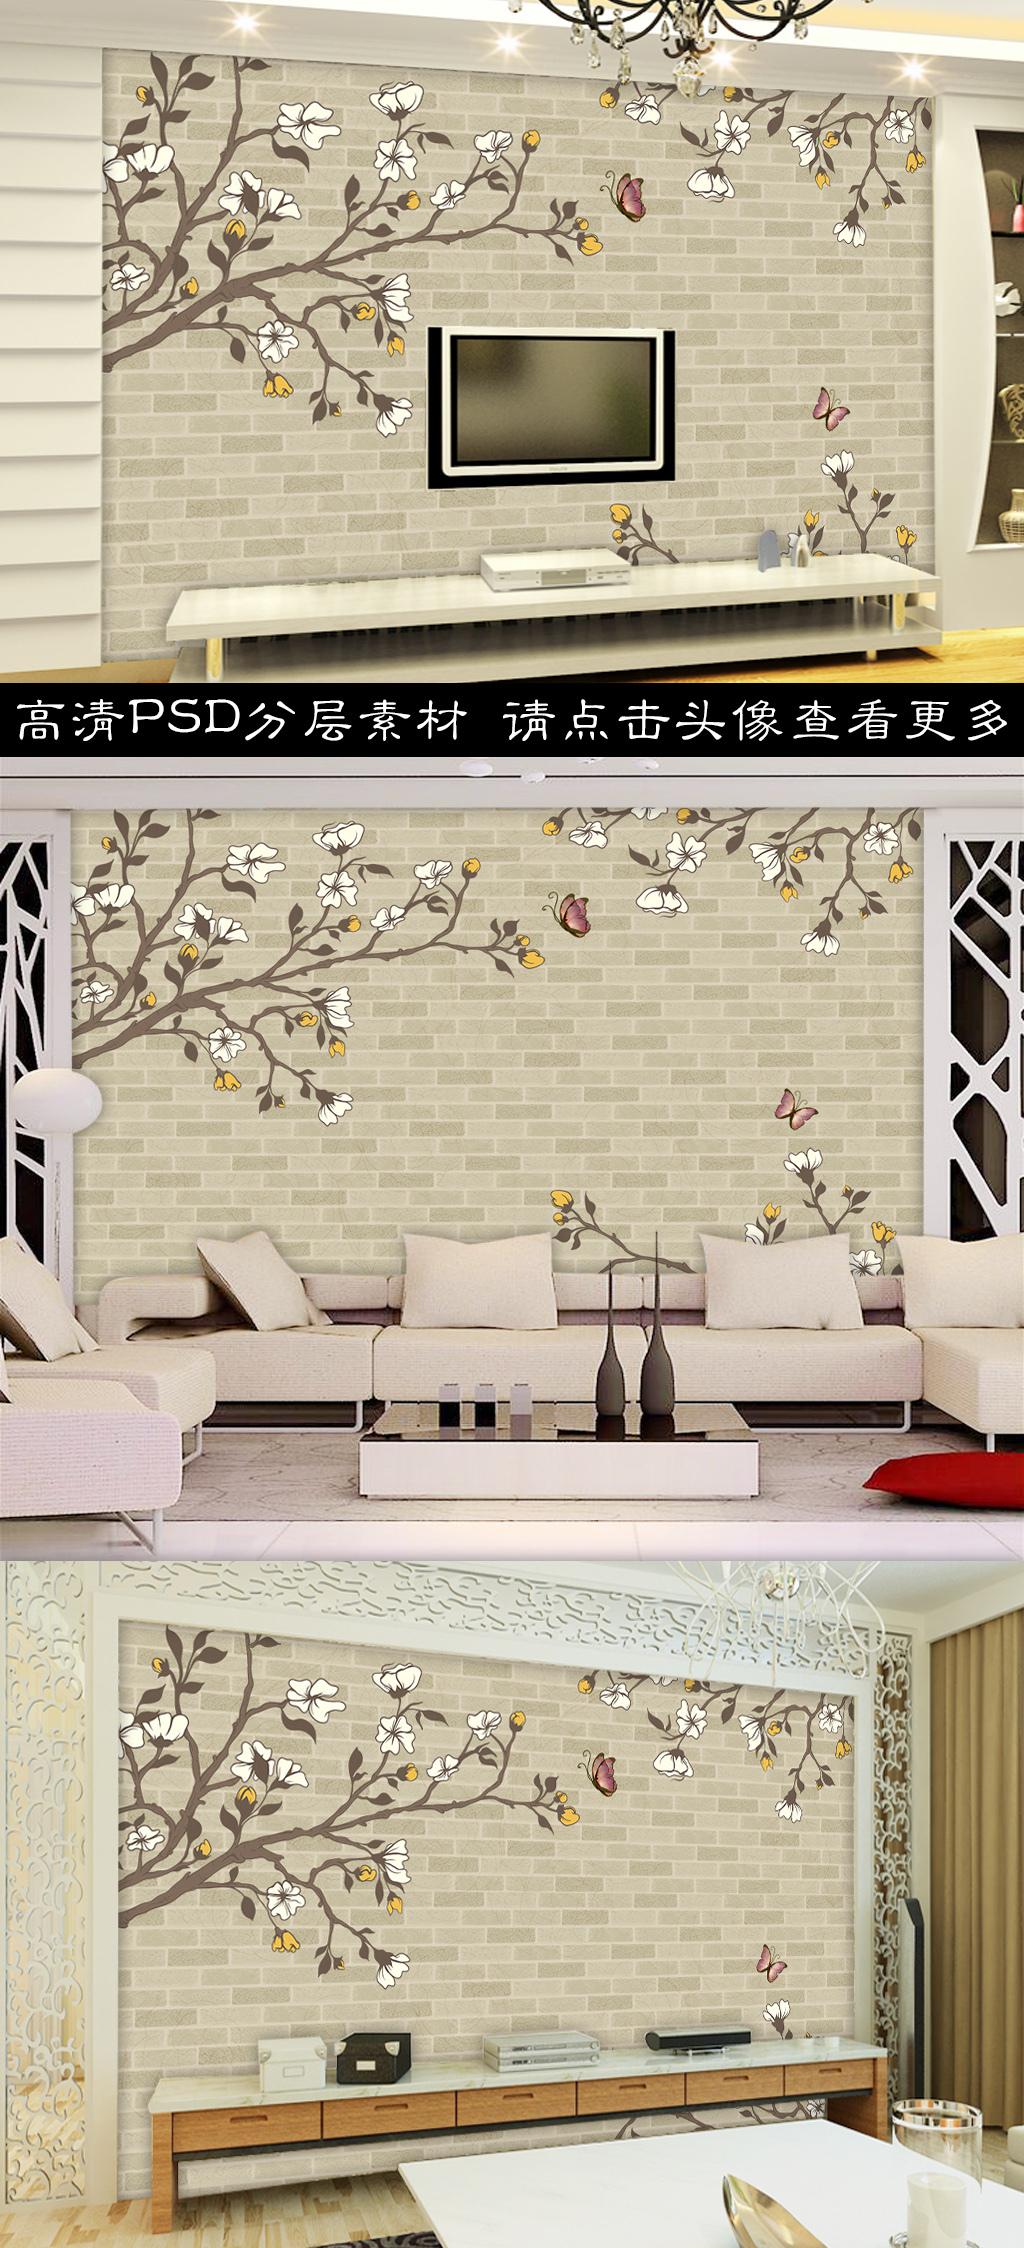 高清砖墙手绘花卉背景墙